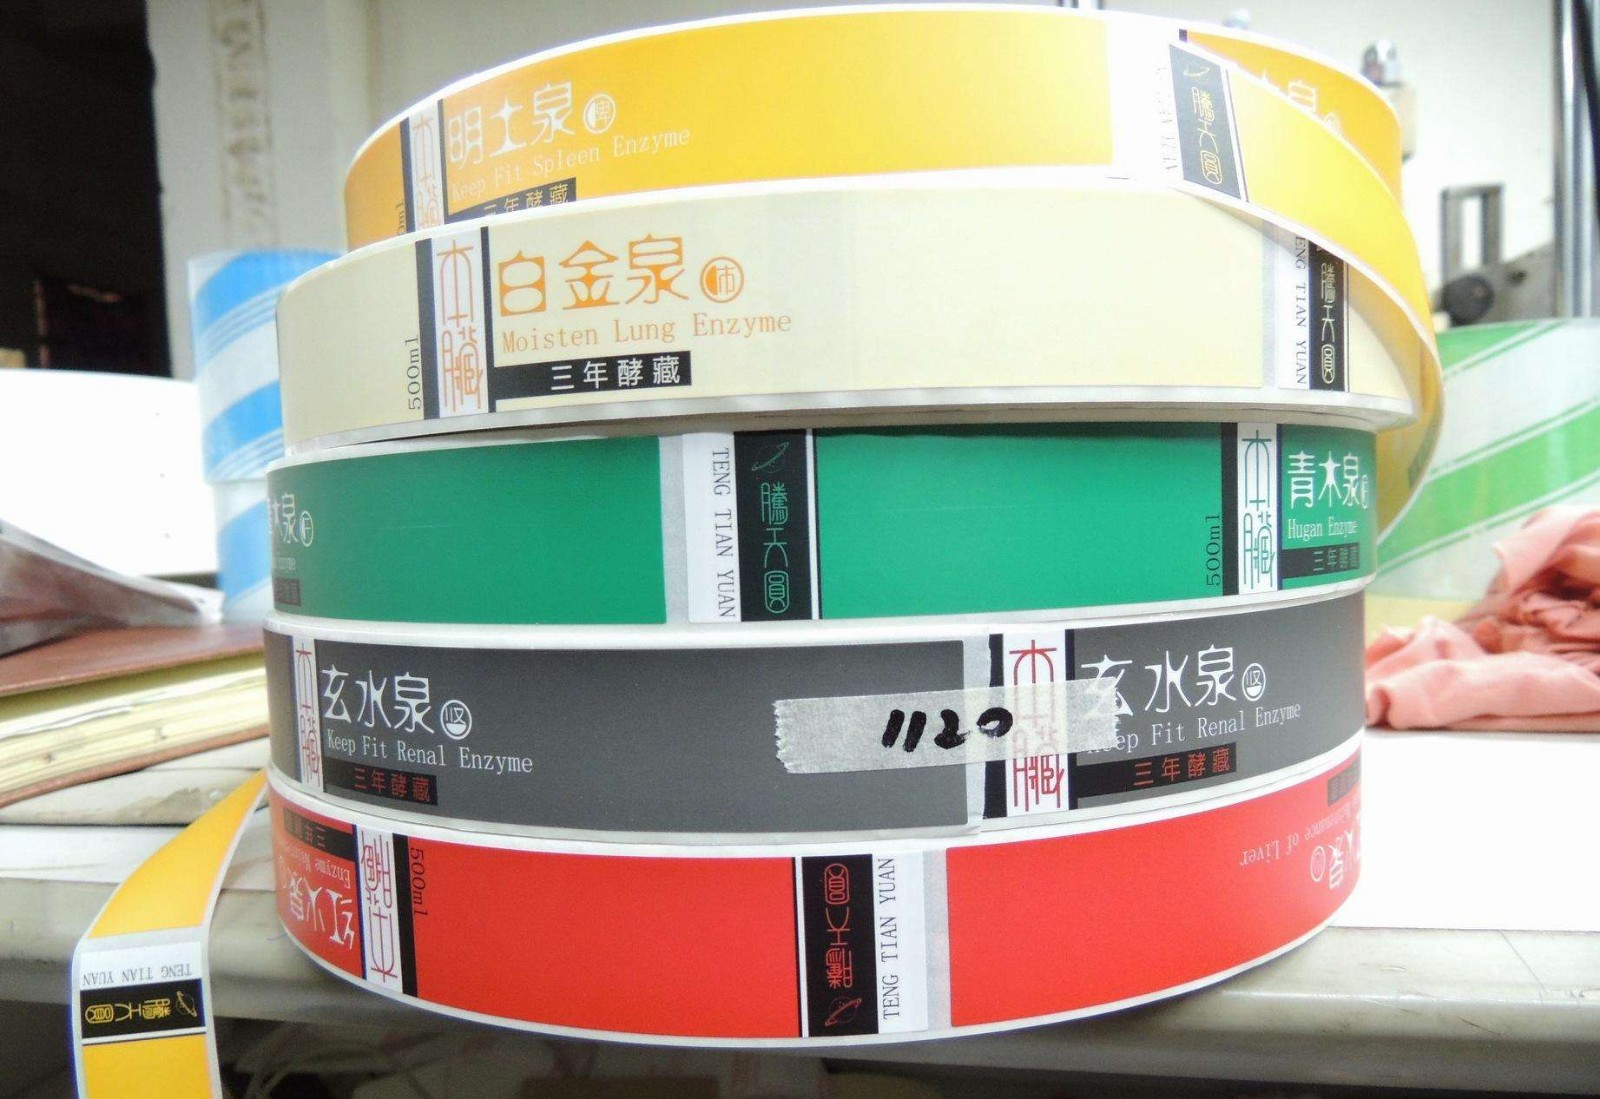 花边标价纸生产厂家_裁床不干胶标签定制-深圳市荣诚兴包装制品有限公司